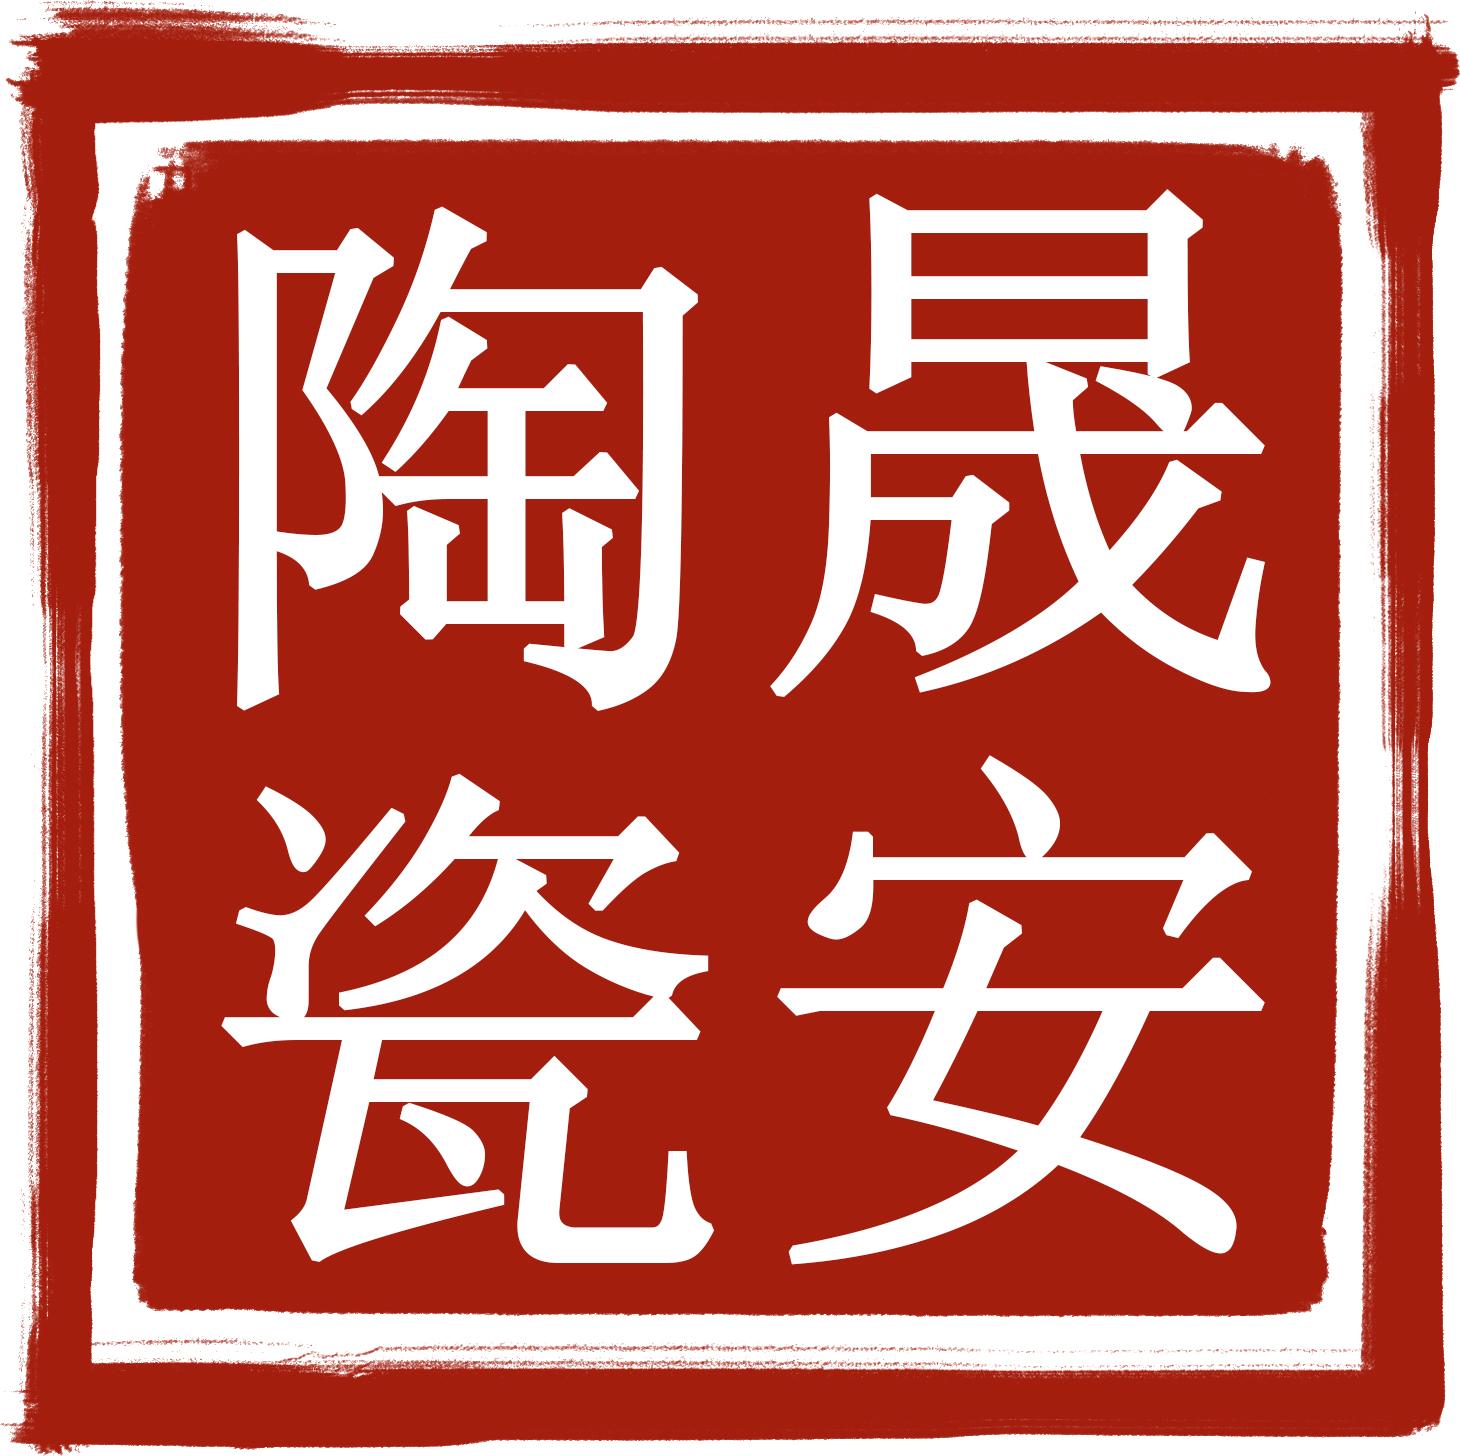 景德镇晟安陶瓷有限公司